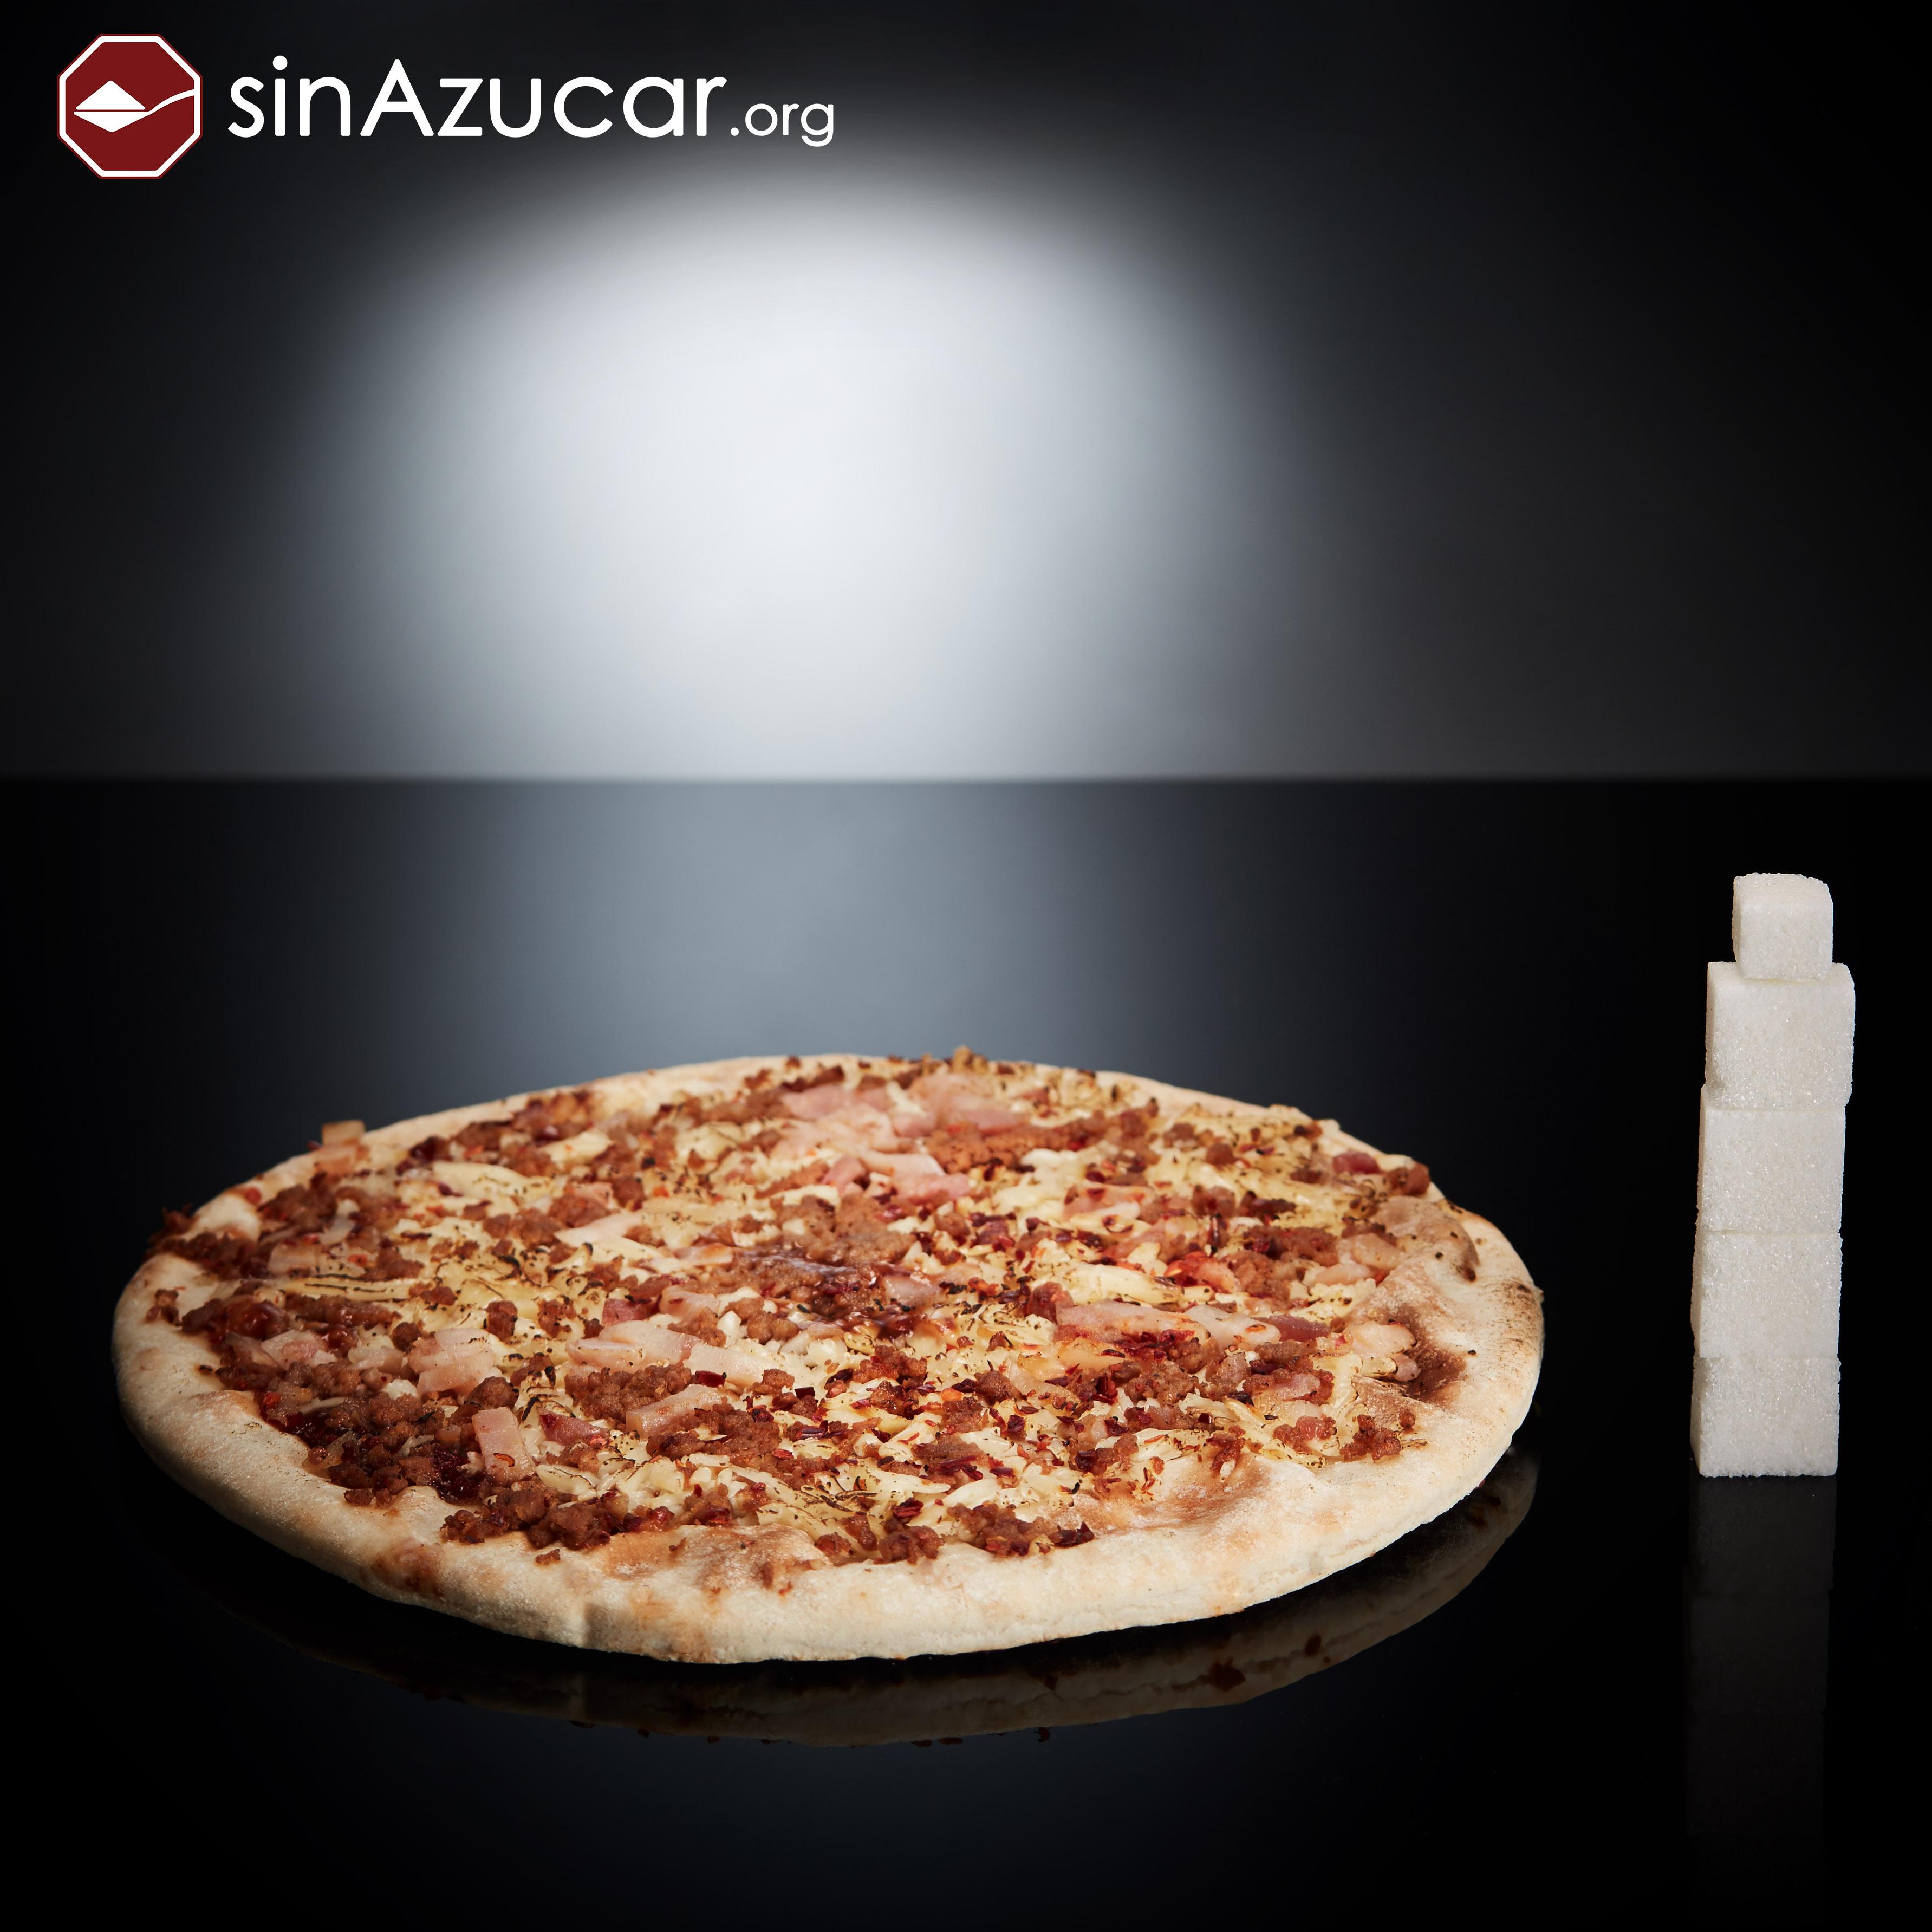 Una pizza barbacoa individual tiene 17g de azúcar, equivalente a 4,2 terrones. Pizza analizada: Marca Palacios. Barbacoa para el microondas (Individual, 225g.